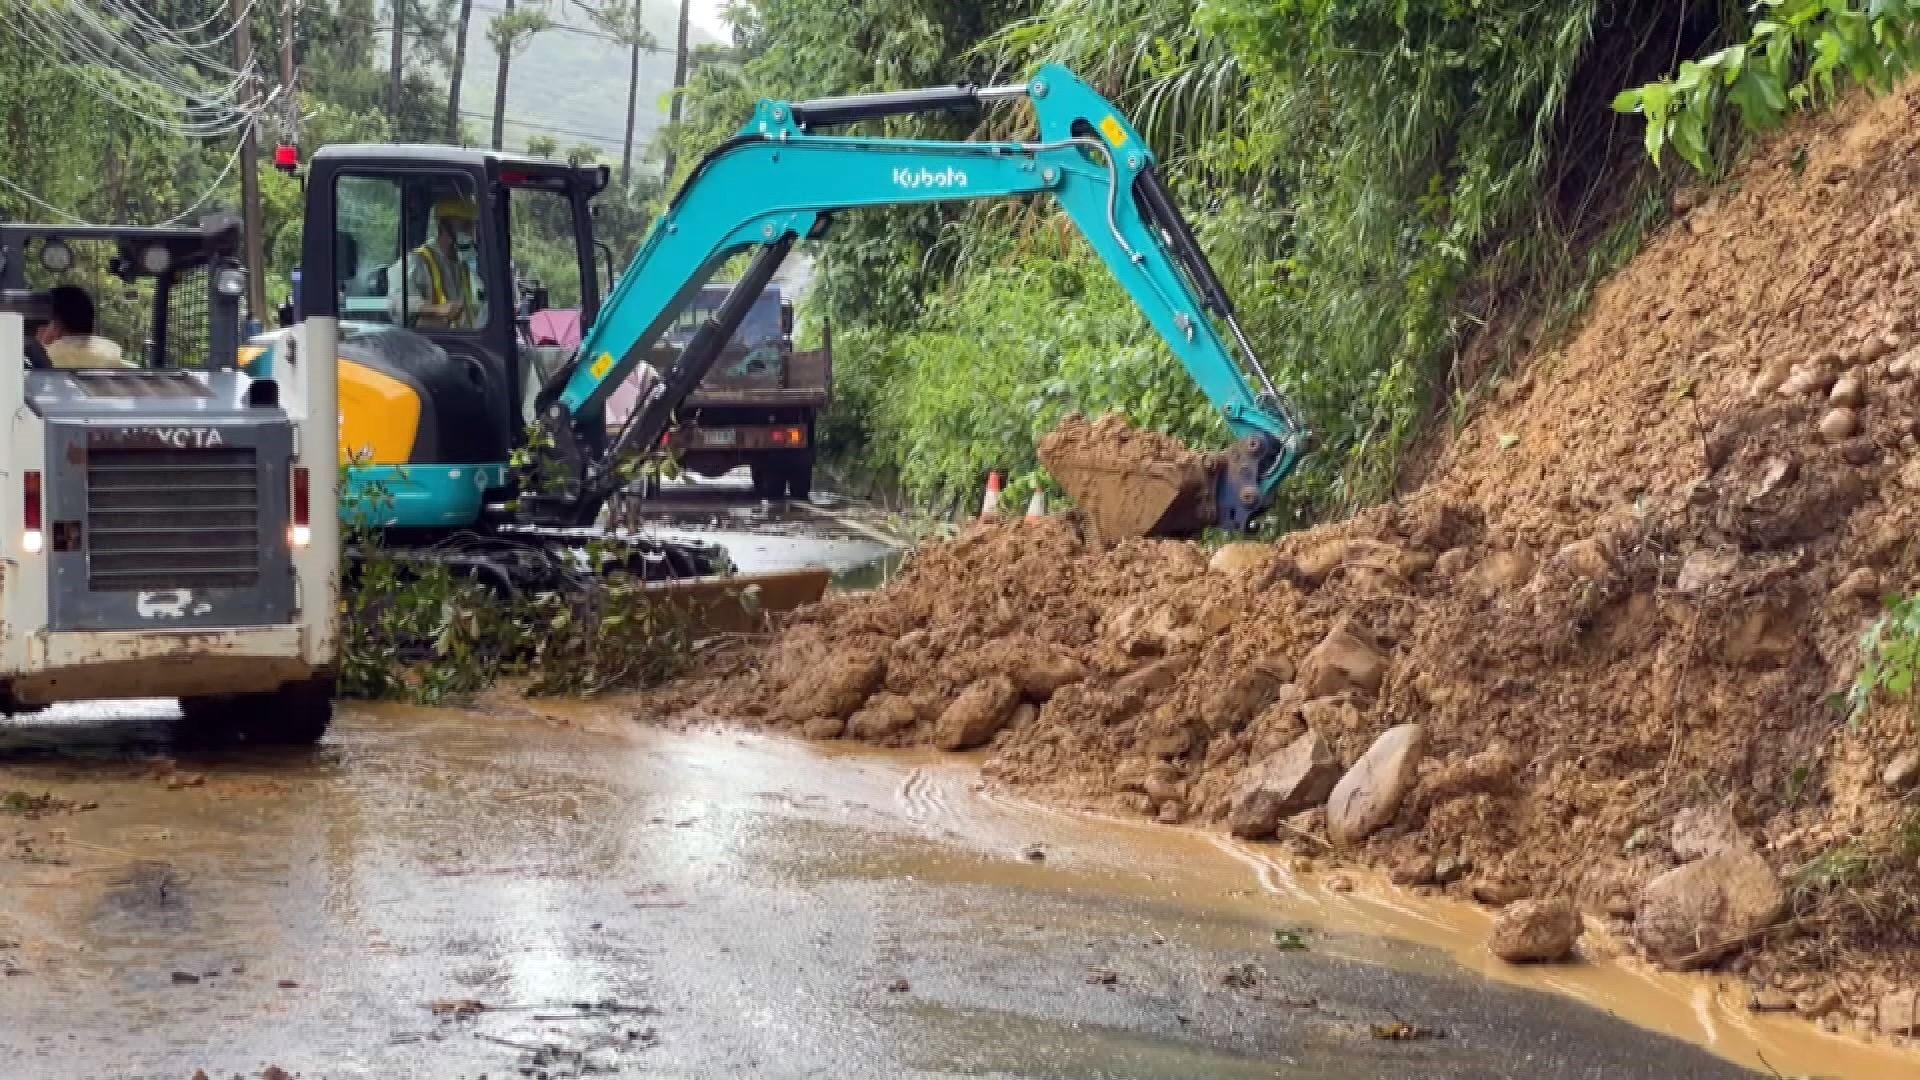 ไต้ฝุ่นยีนฟ้าทำฝนตกหนัก ปริมาณฝนในซินจู๋ทะลุ 300 มม.